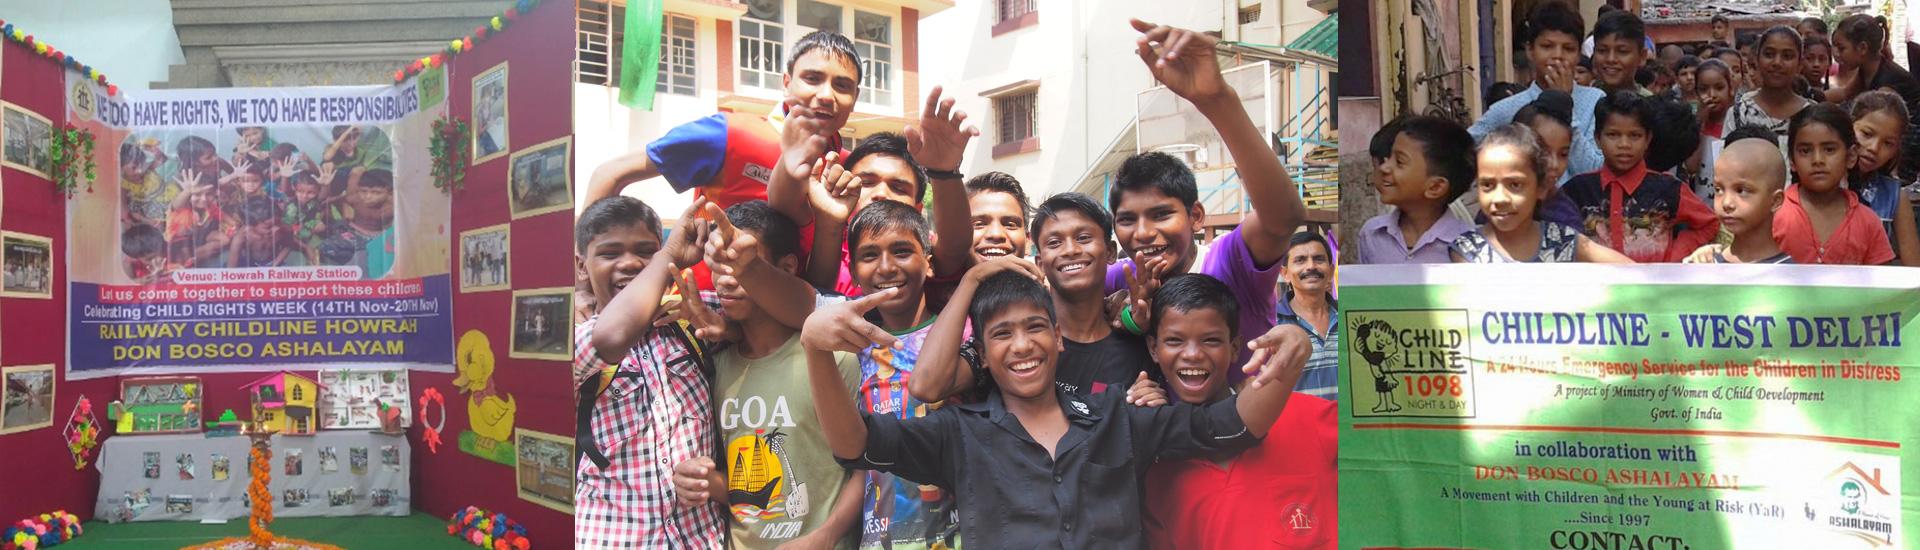 Pappu Shukla, el joven indio rescatado del tráfico de menores